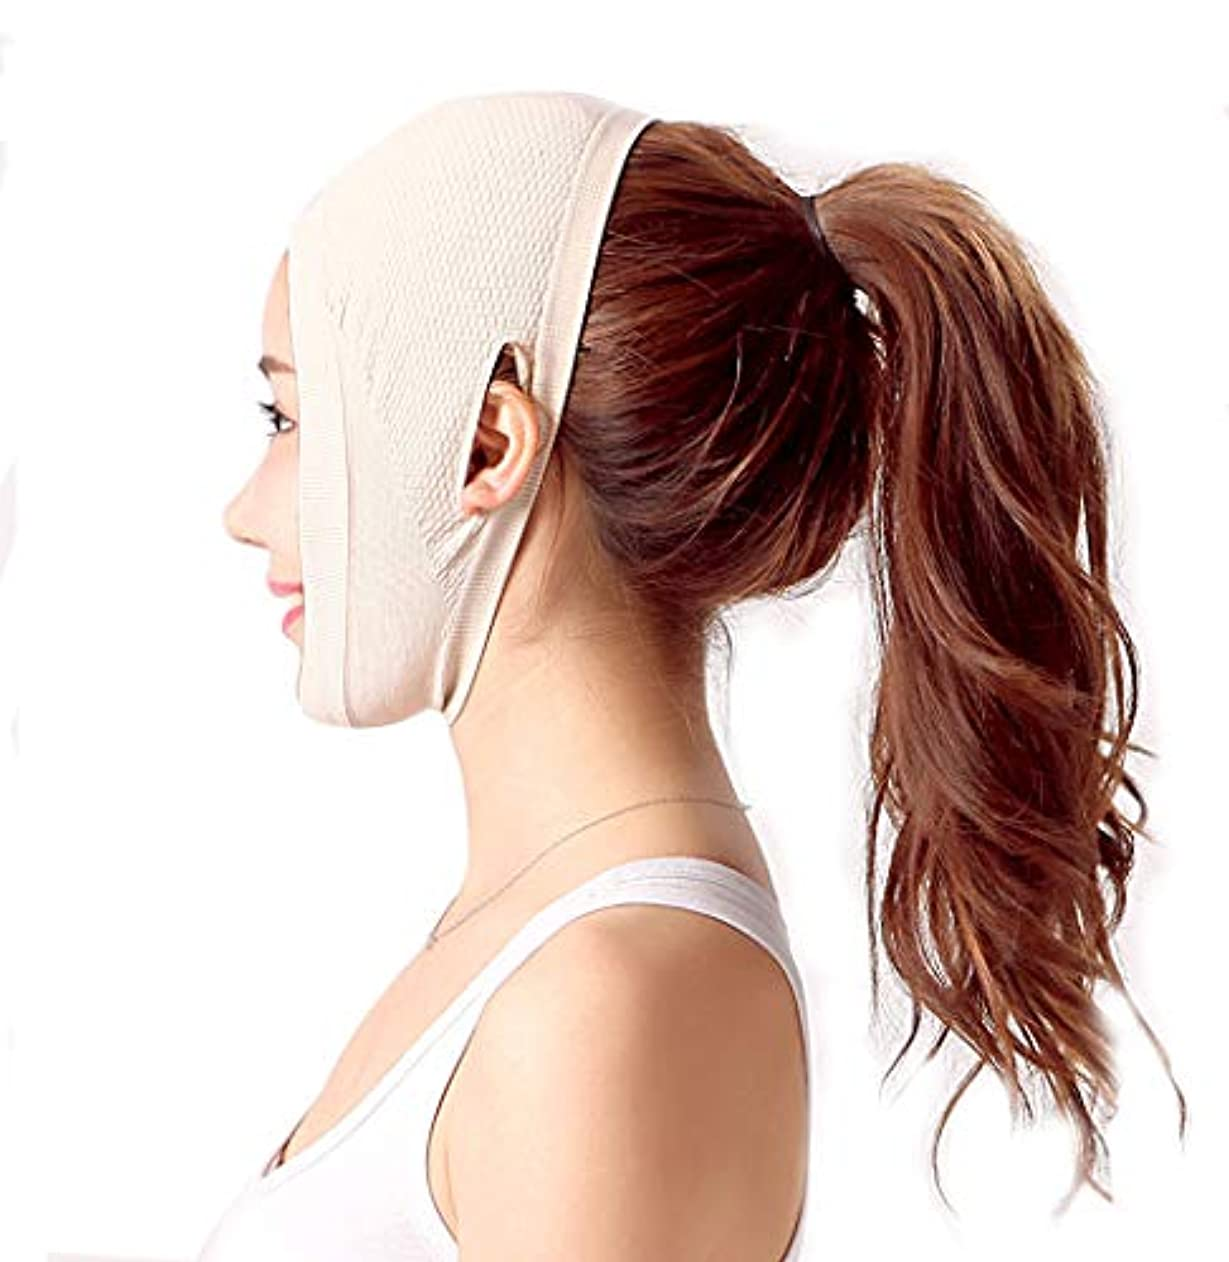 腐食するつかまえる実施するGLJJQMY フェイスリフティング包帯術後回復マスクリフティング包帯薄い顔アーティファクト薄い二重あご薄い筋肉マスク 顔用整形マスク (Color : Skin tone(A))